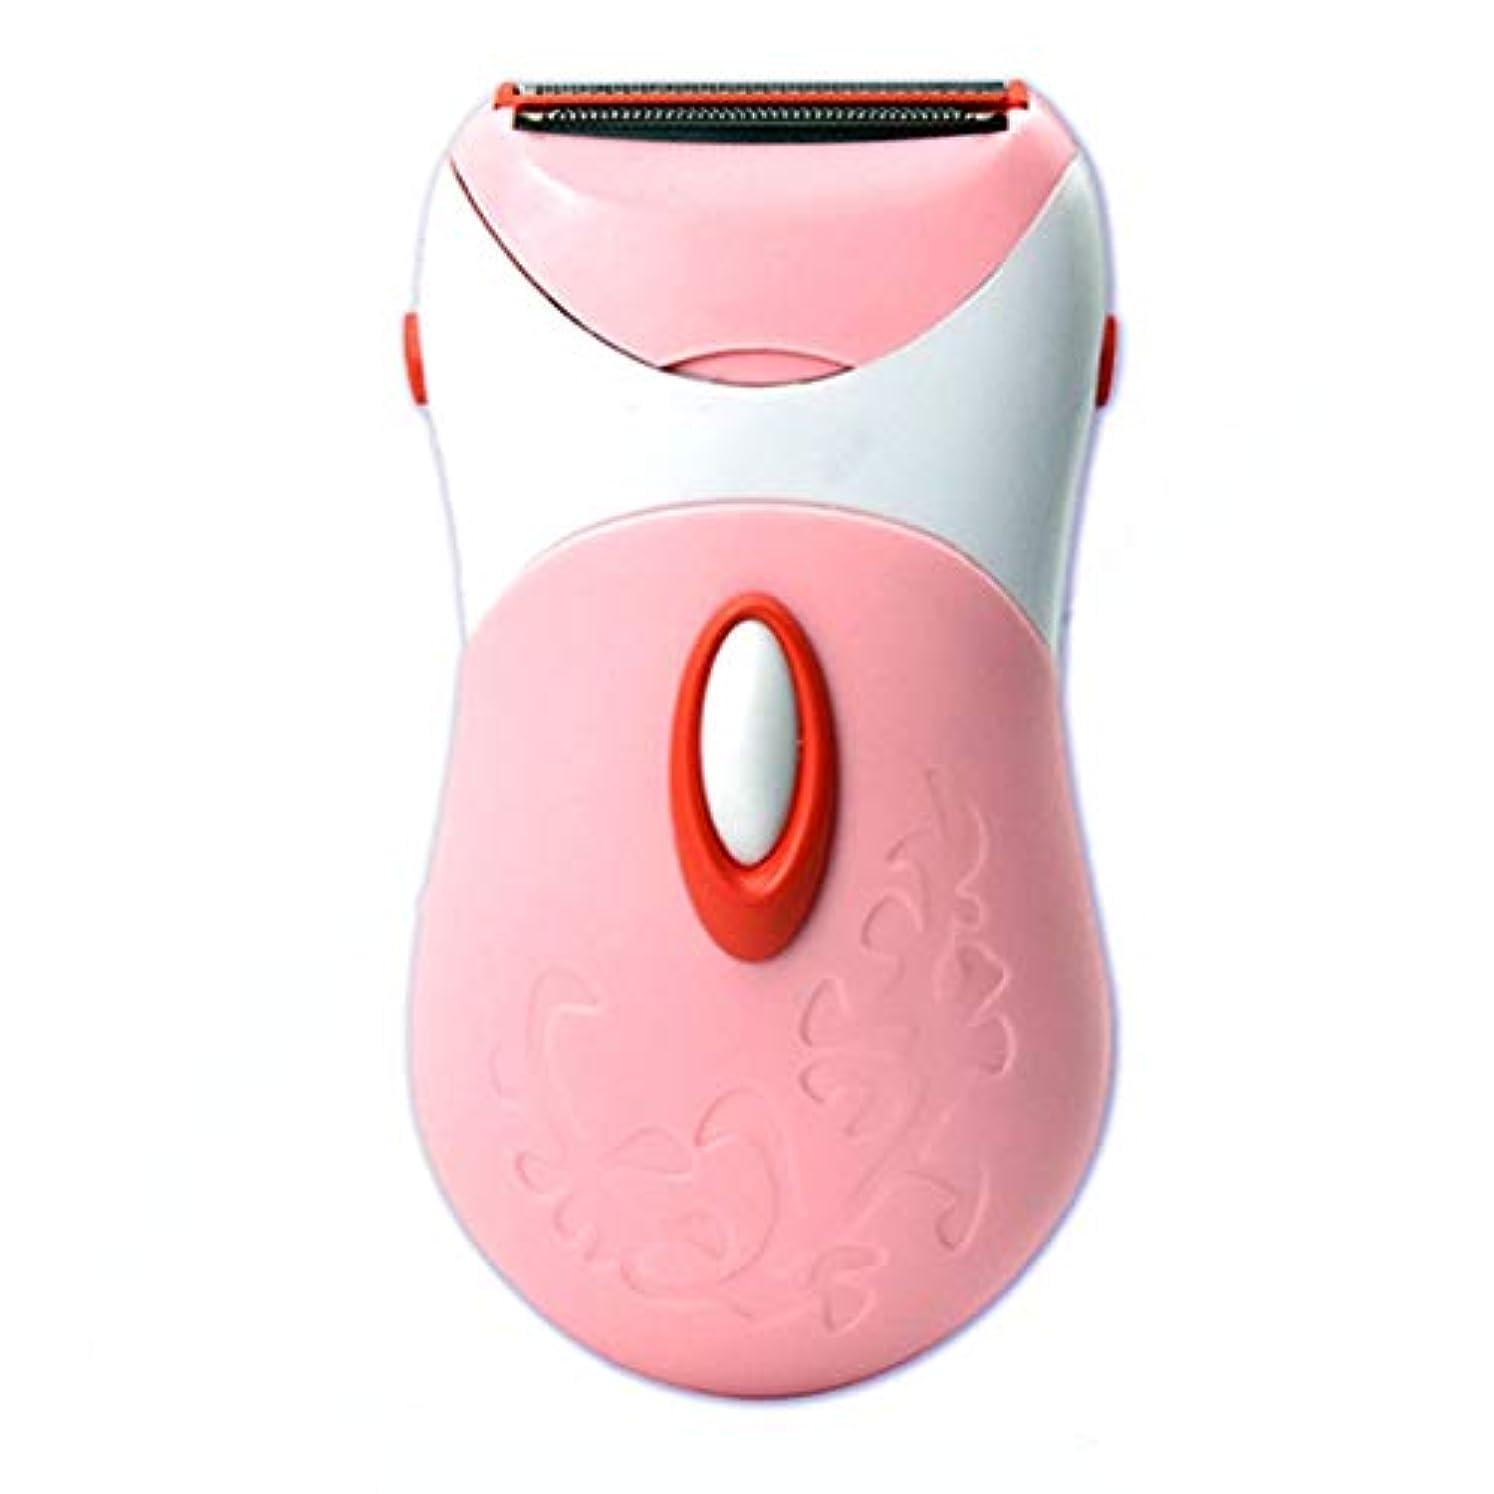 おもちゃシプリー慢なNZNB - 脱毛器 電動脱毛器レディーシェーバー脇の下コードレス電動シェービングバリカントリマー - 8502